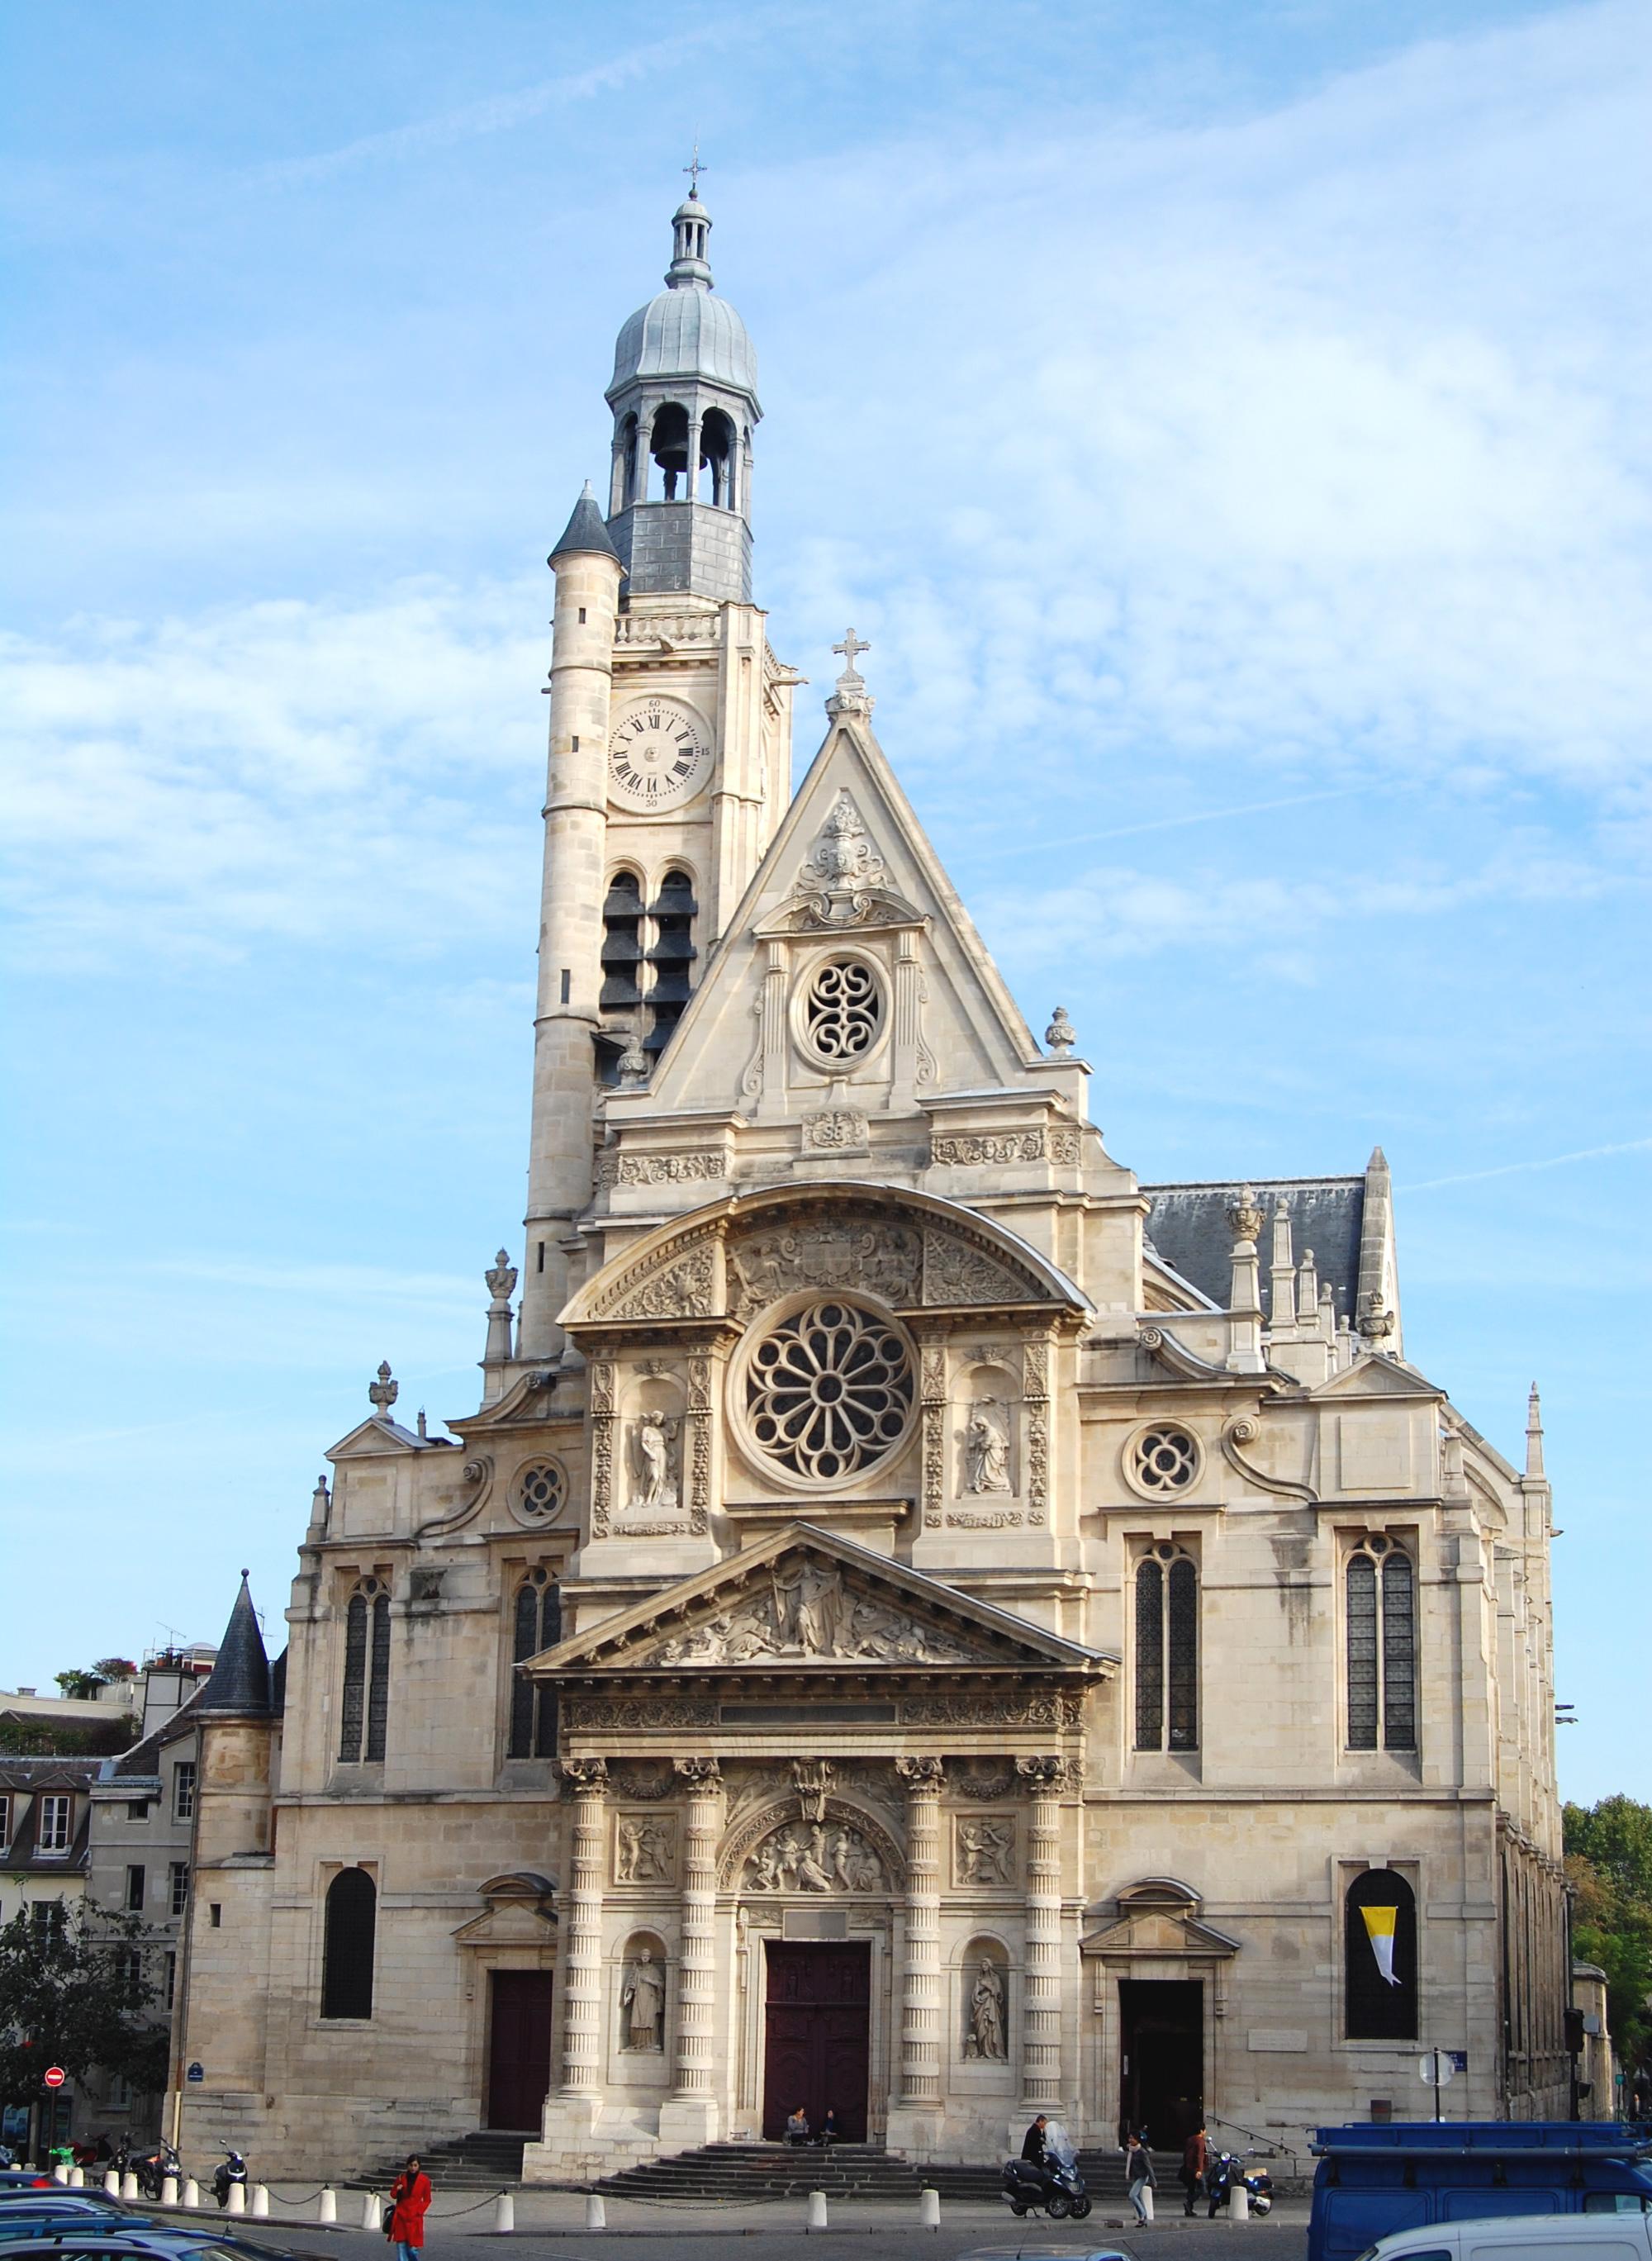 Paroisse de Saint-Etienne-du-Mont